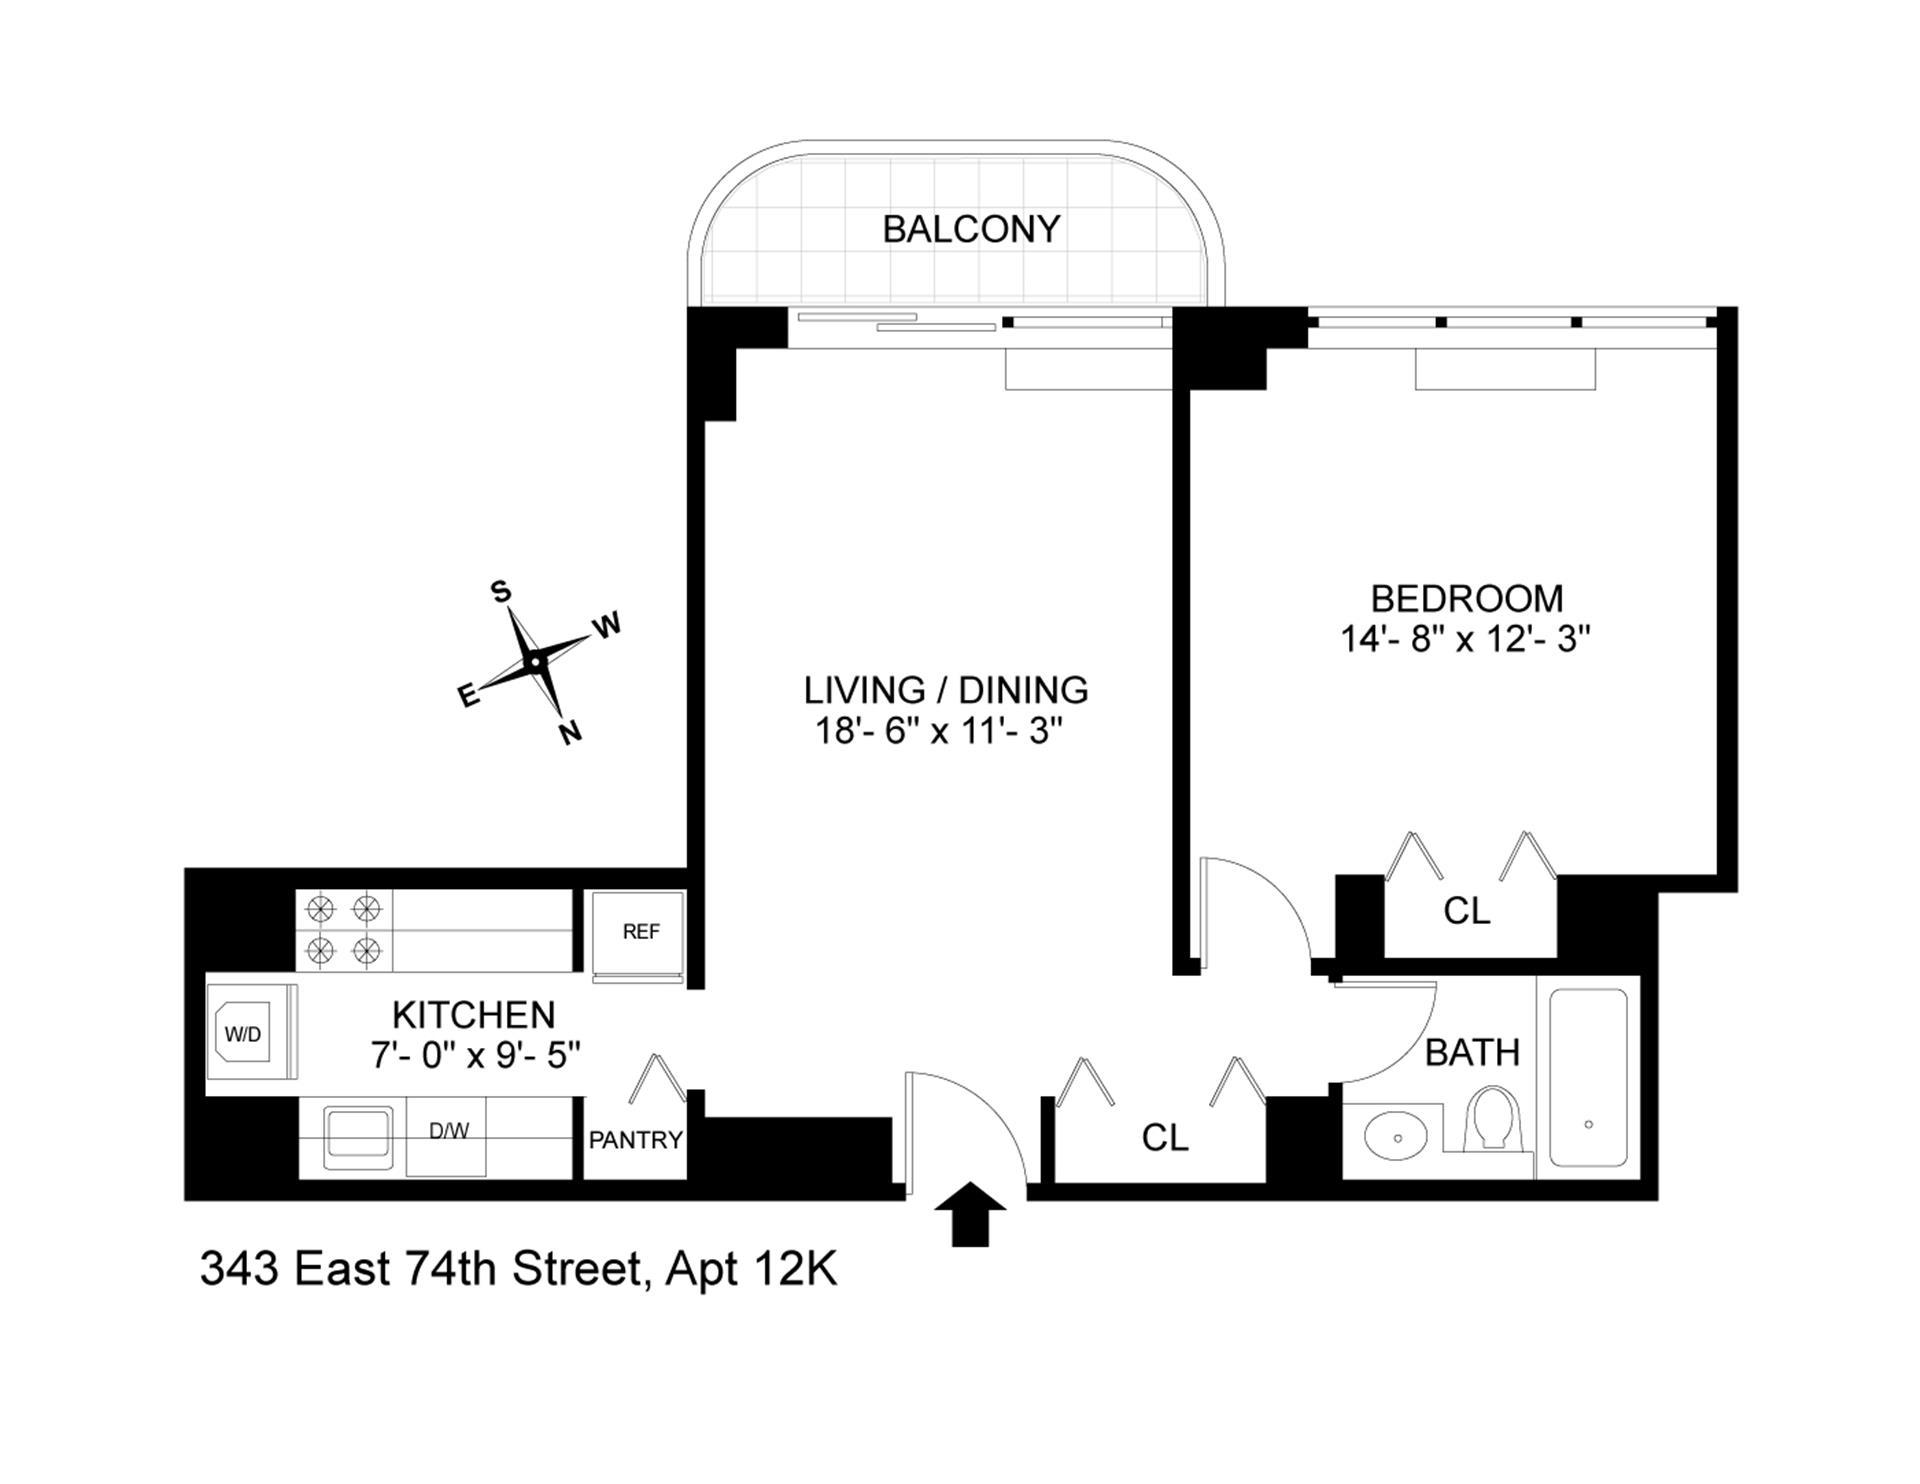 Floor plan of 343 East 74th Street, 12K - Upper East Side, New York